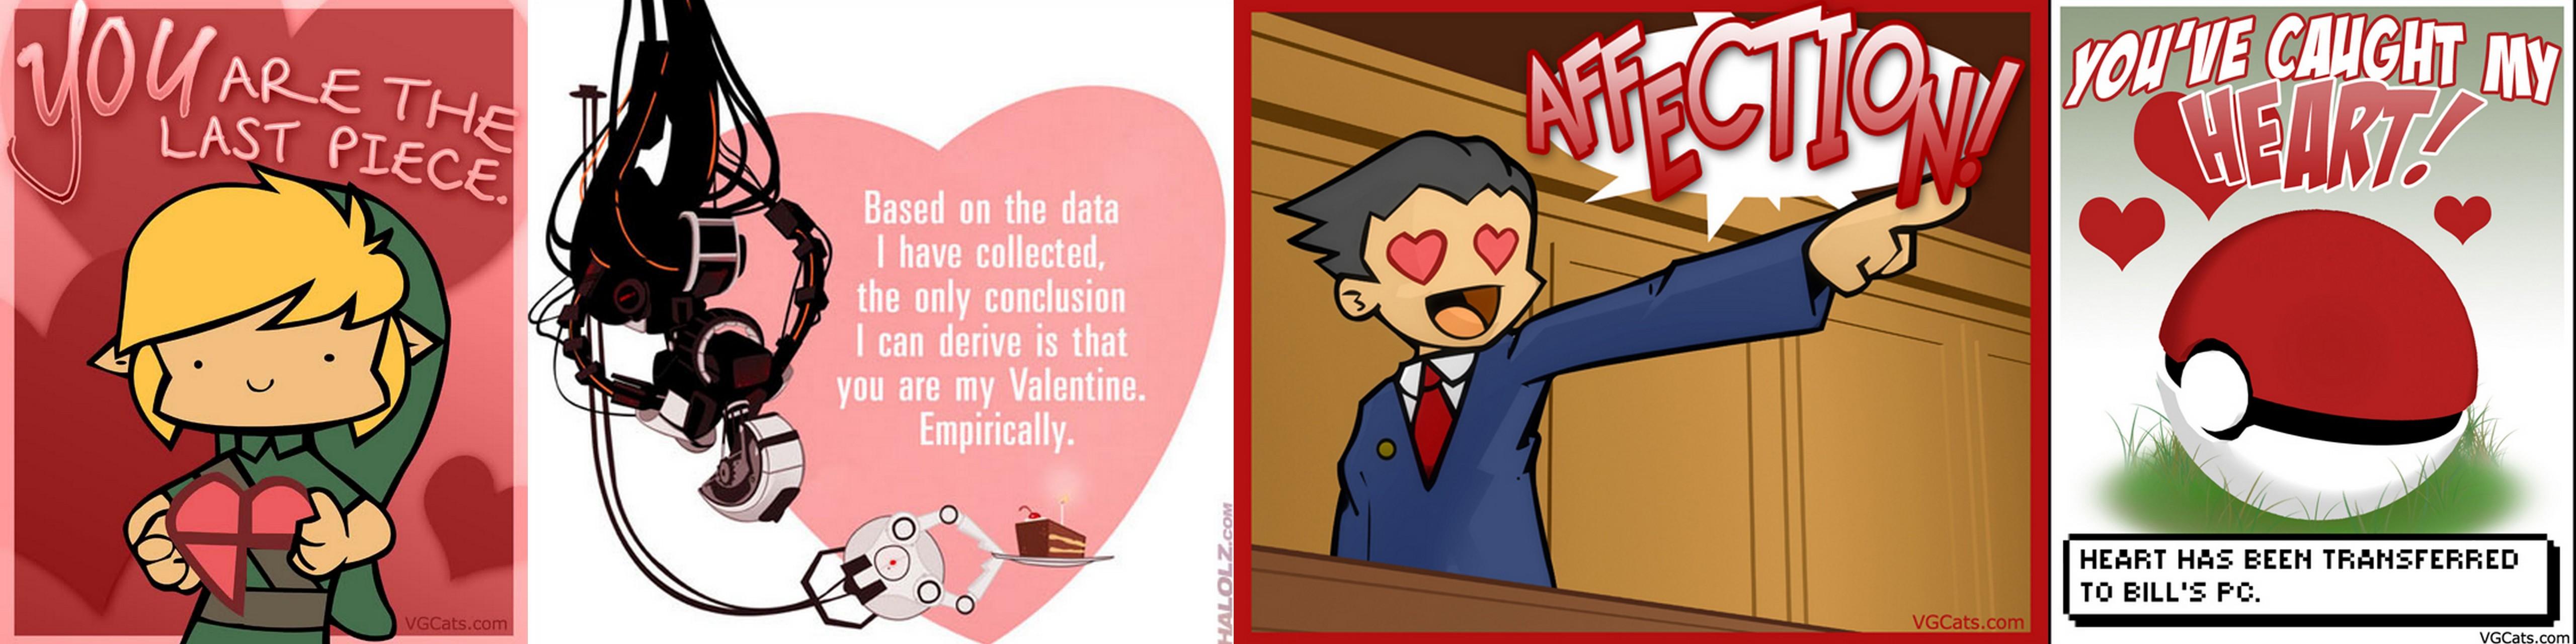 holidays are weird – Legend of Zelda Valentine Card